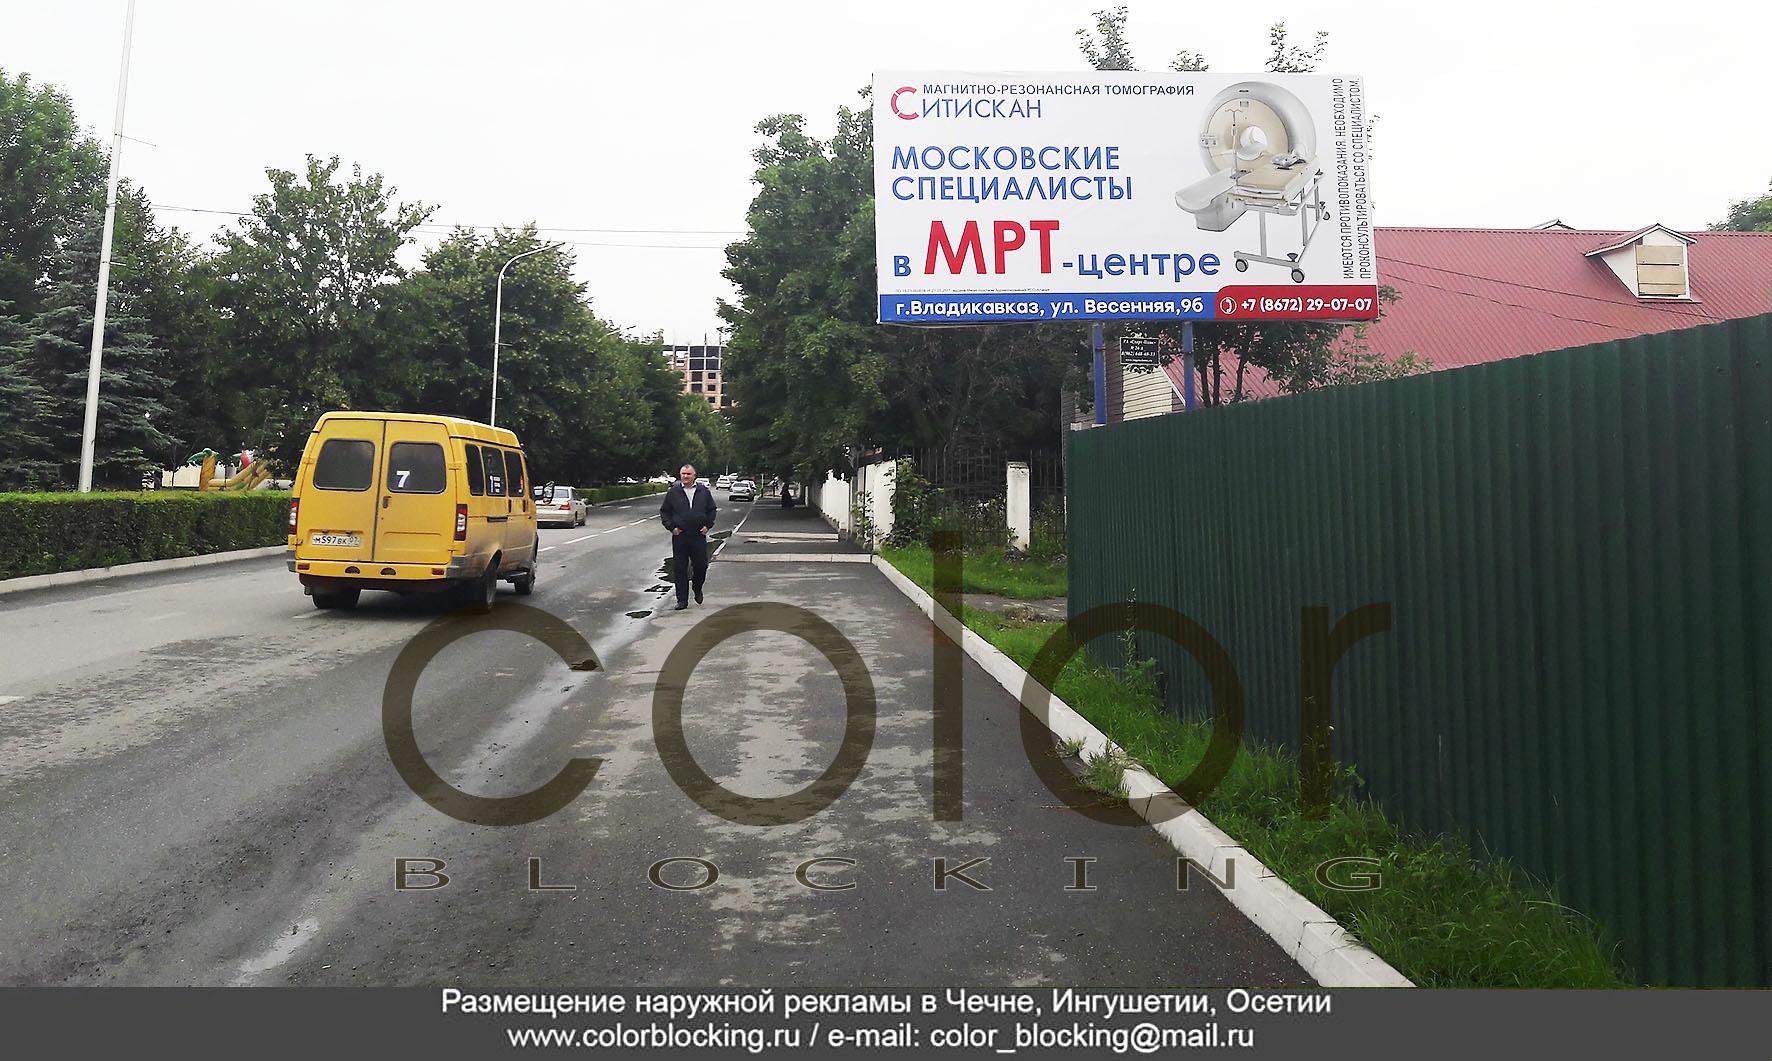 Рекламные щиты в Ингушетии уличные